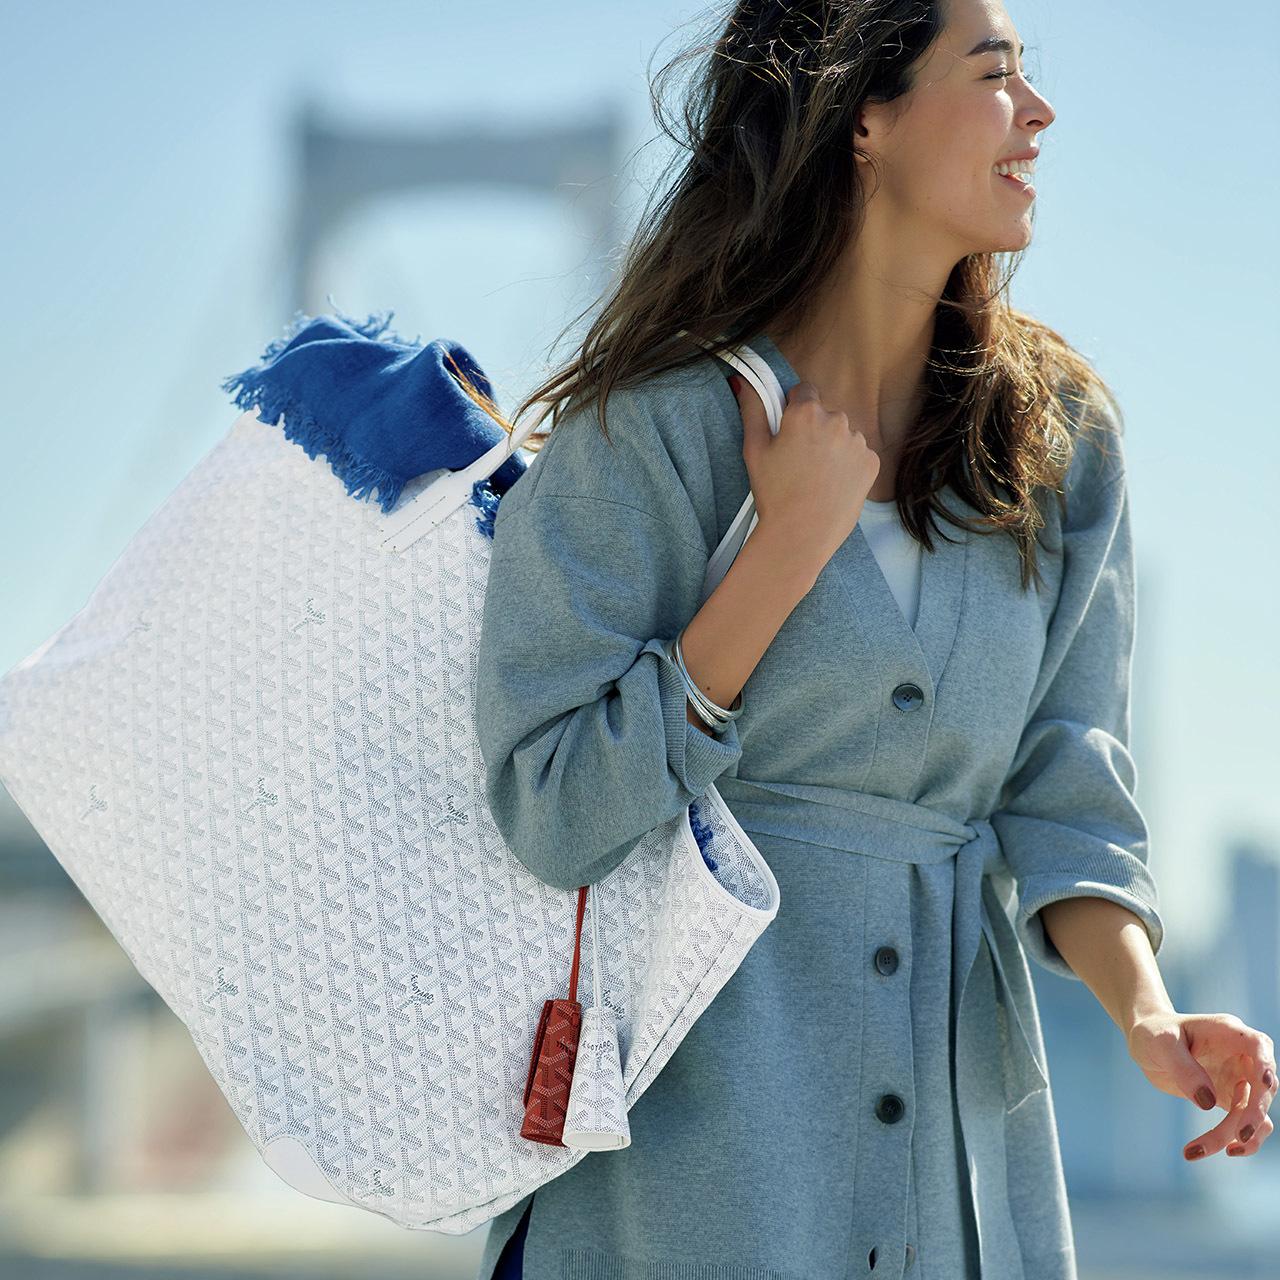 軽くて、使いやすくて、デイリーにも旅にも。大人が頼れる「BLT」バッグを毎日! 五選_1_1-3